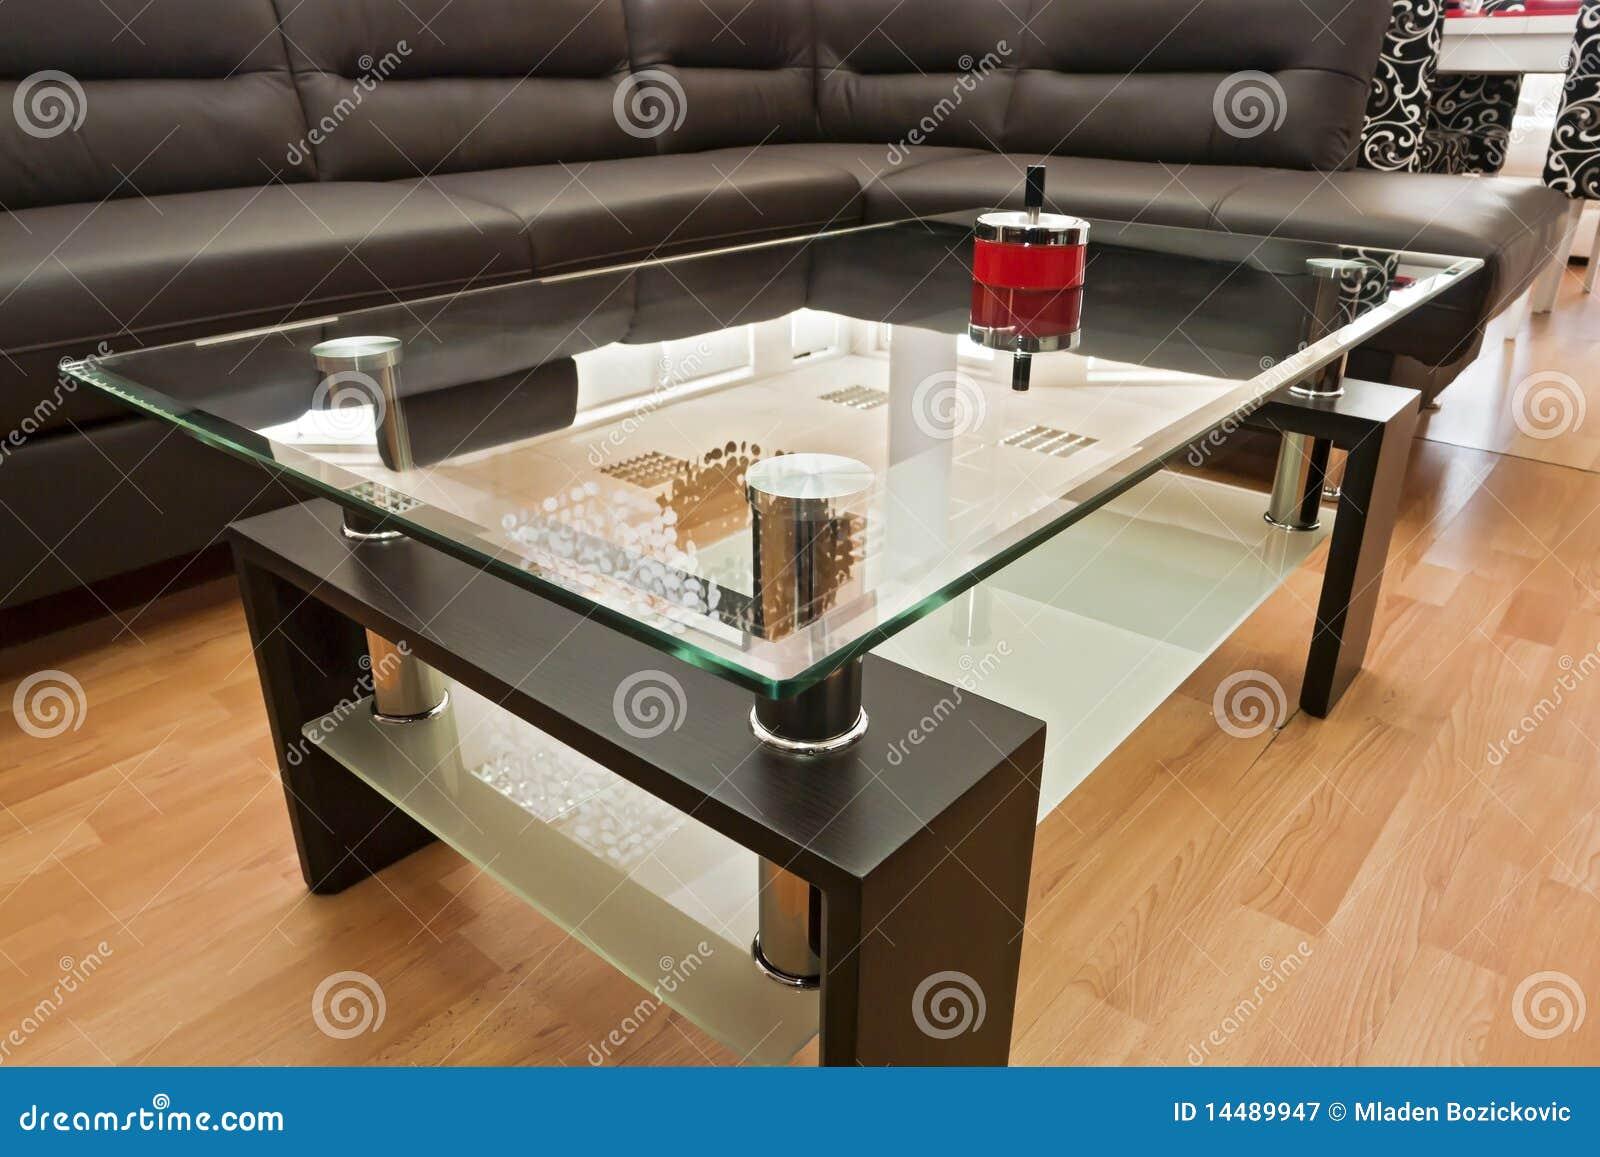 Mesa de centro moderna imagem de stock imagem de cute - Fotos de mesas de centro ...